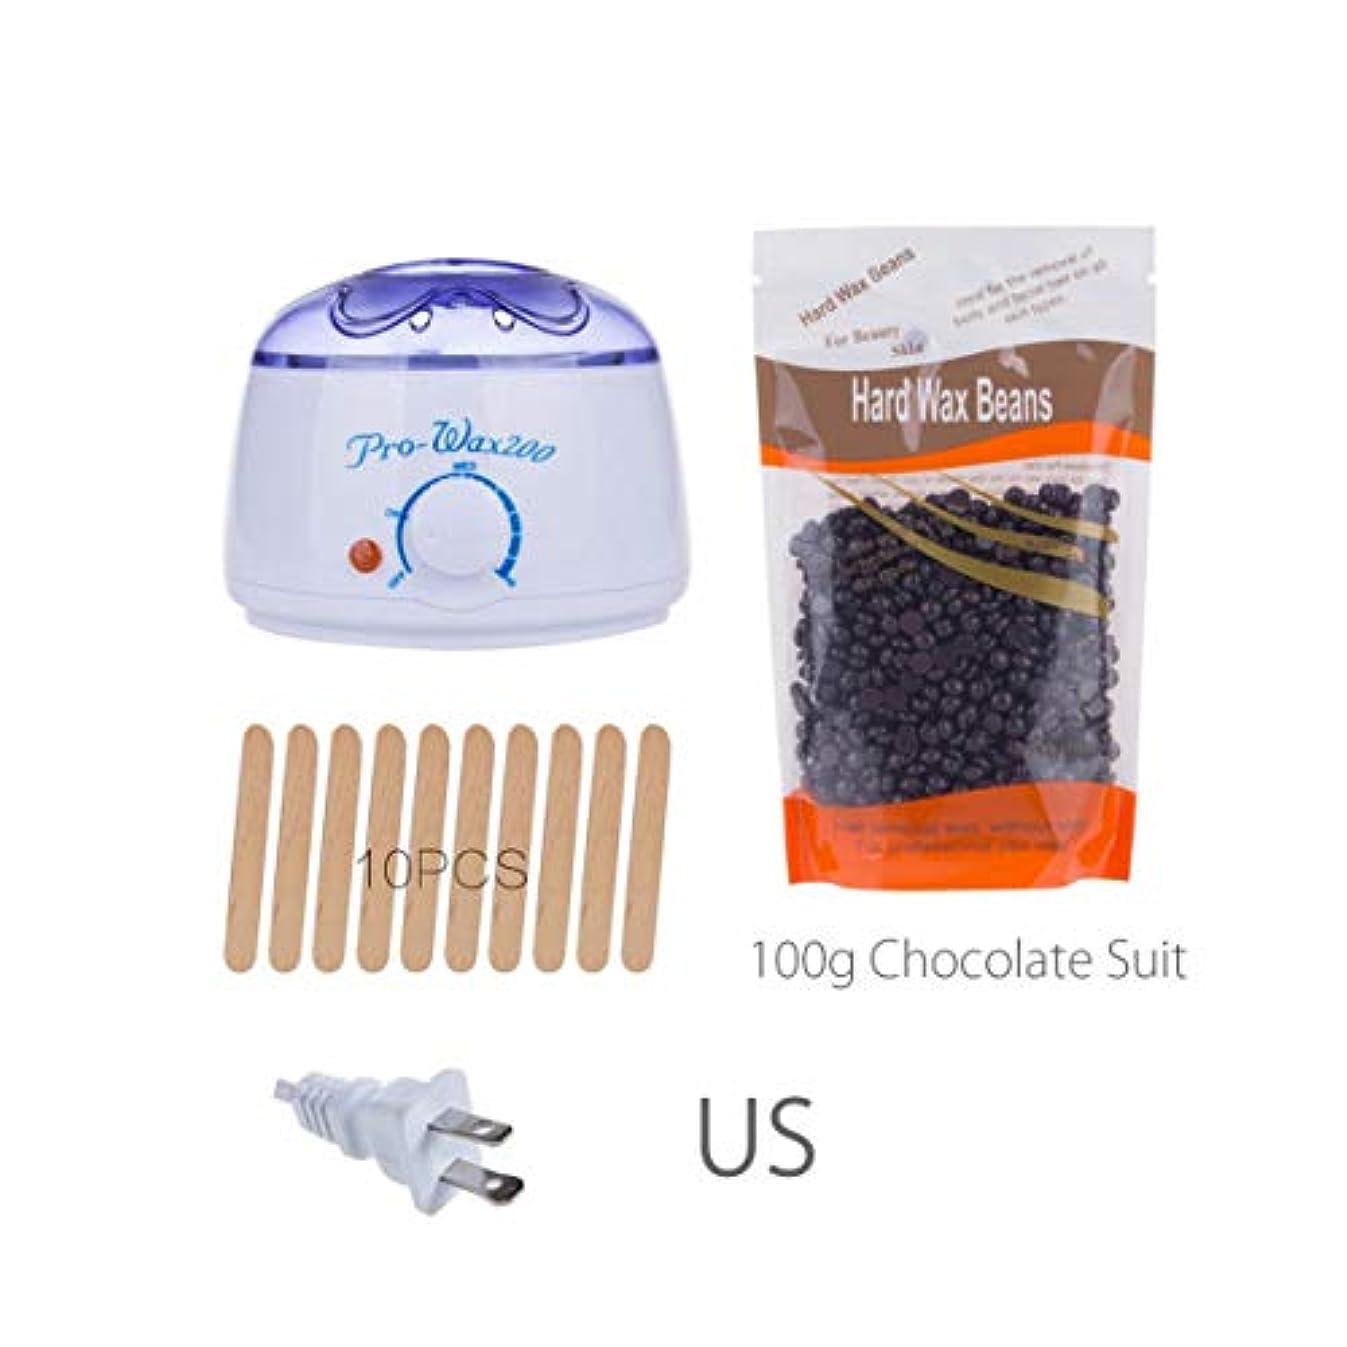 キャリア破壊的なおとこIntercorey 200CC Hand Wax Machine Hot Paraffin Wax Warmer Heater Body Depilatory Salon SPA Hair Removal Tool With...